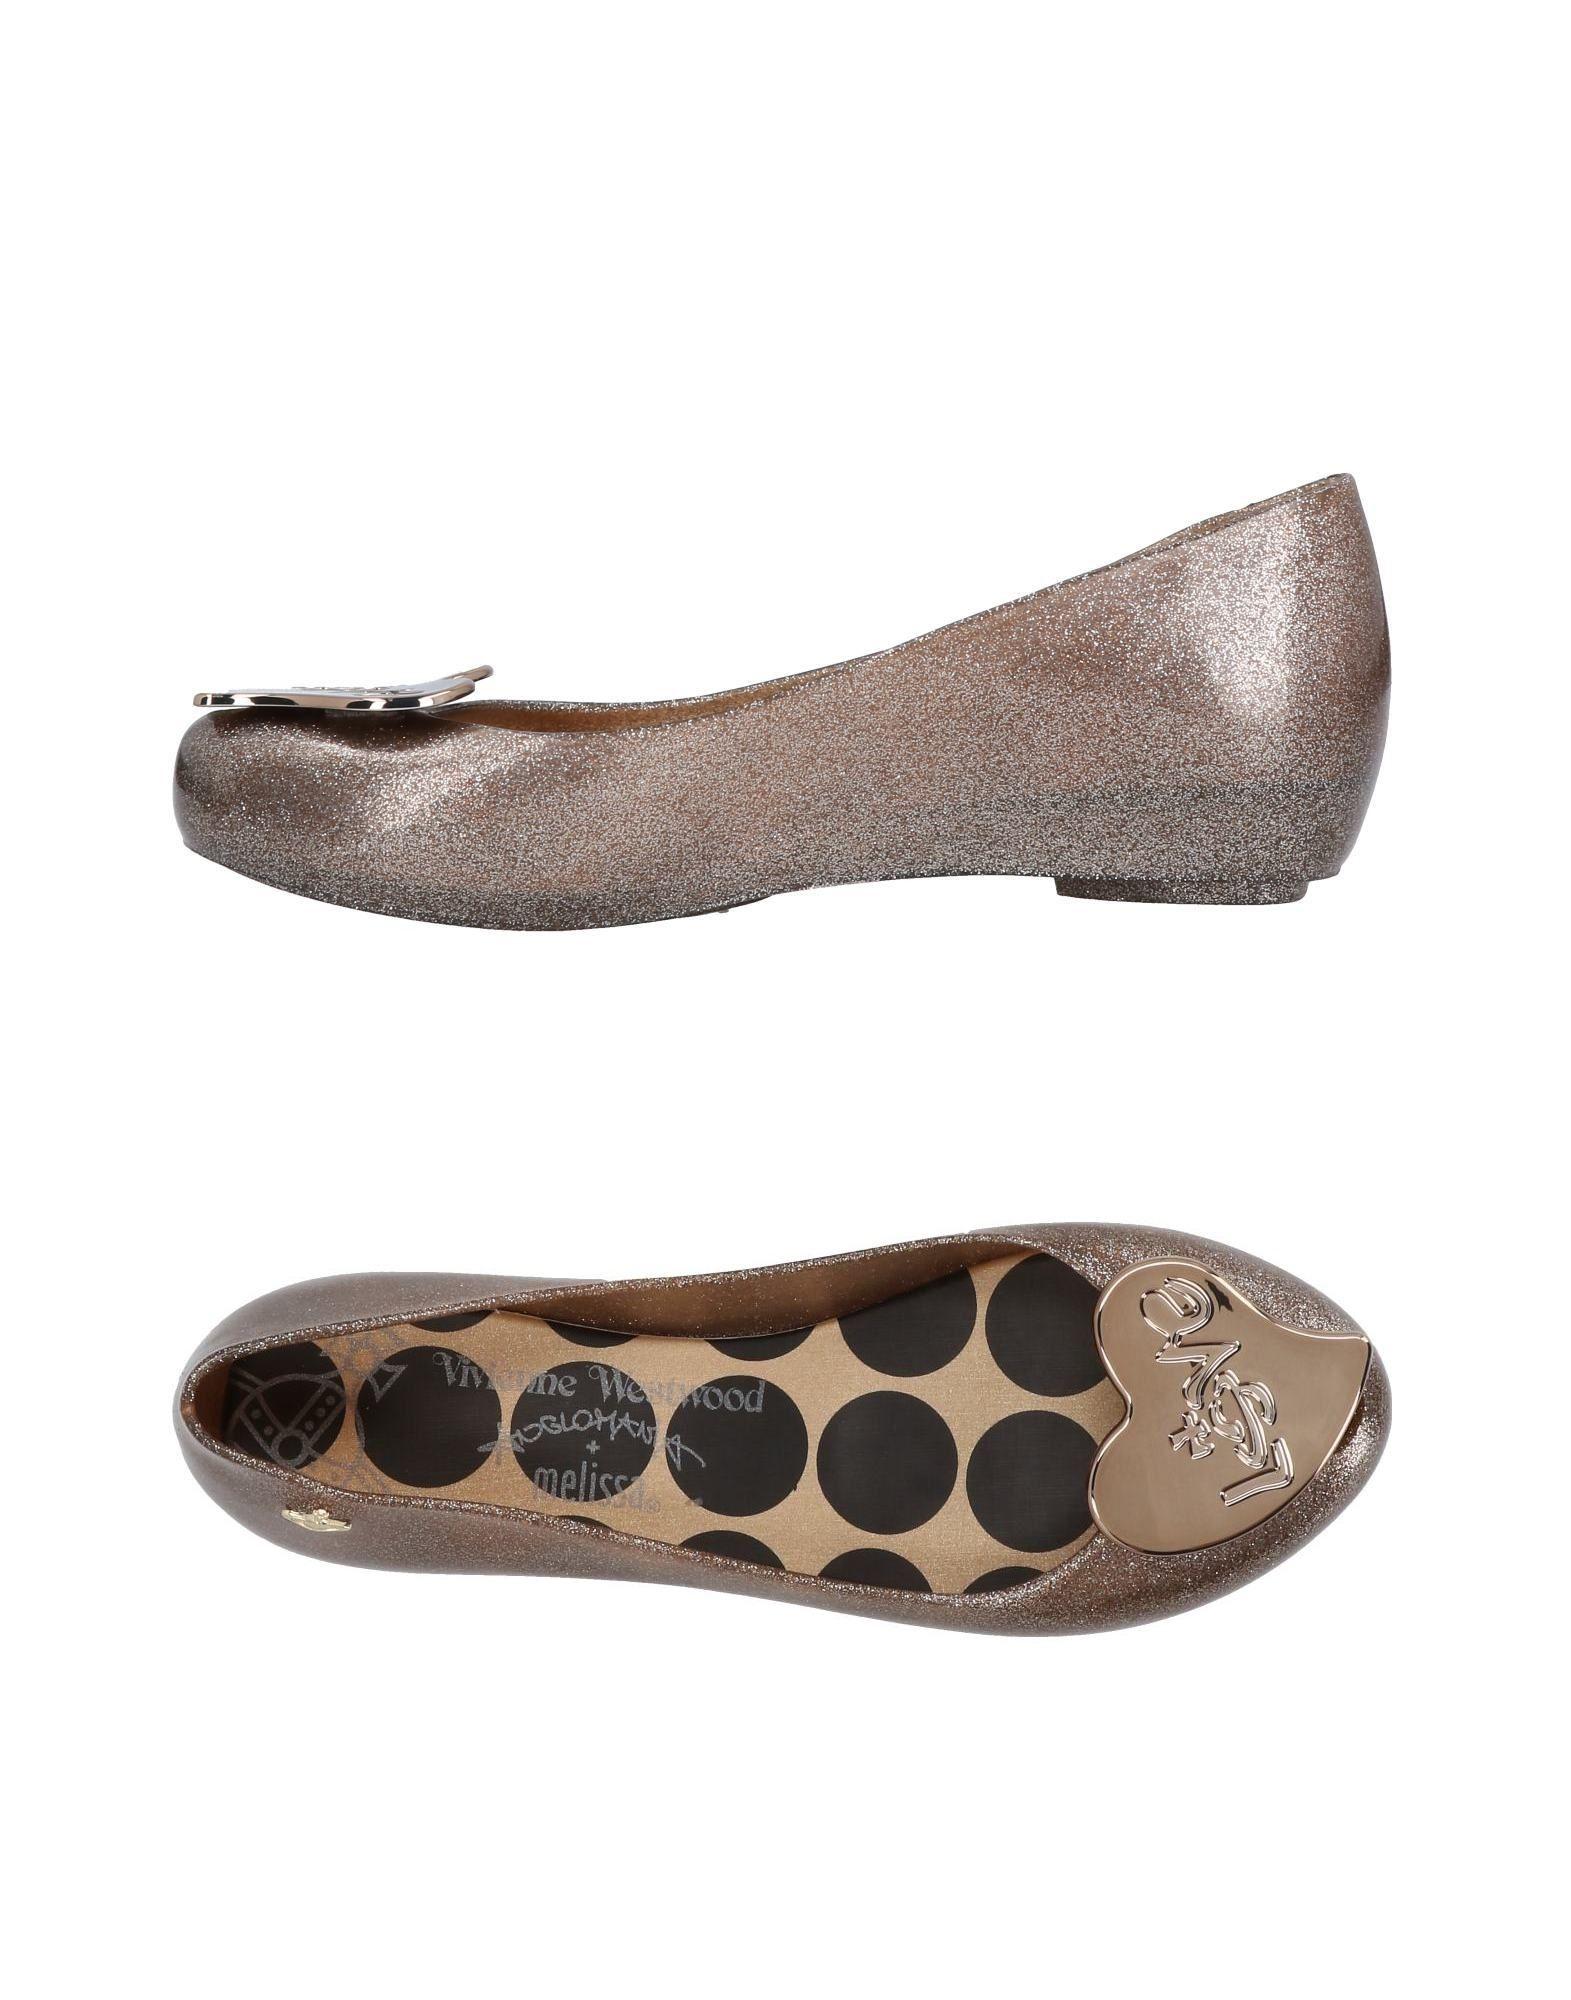 Vivienne Westwood Anglomania + Melissa Ballerinas Damen  11471527XE Gute Qualität beliebte Schuhe